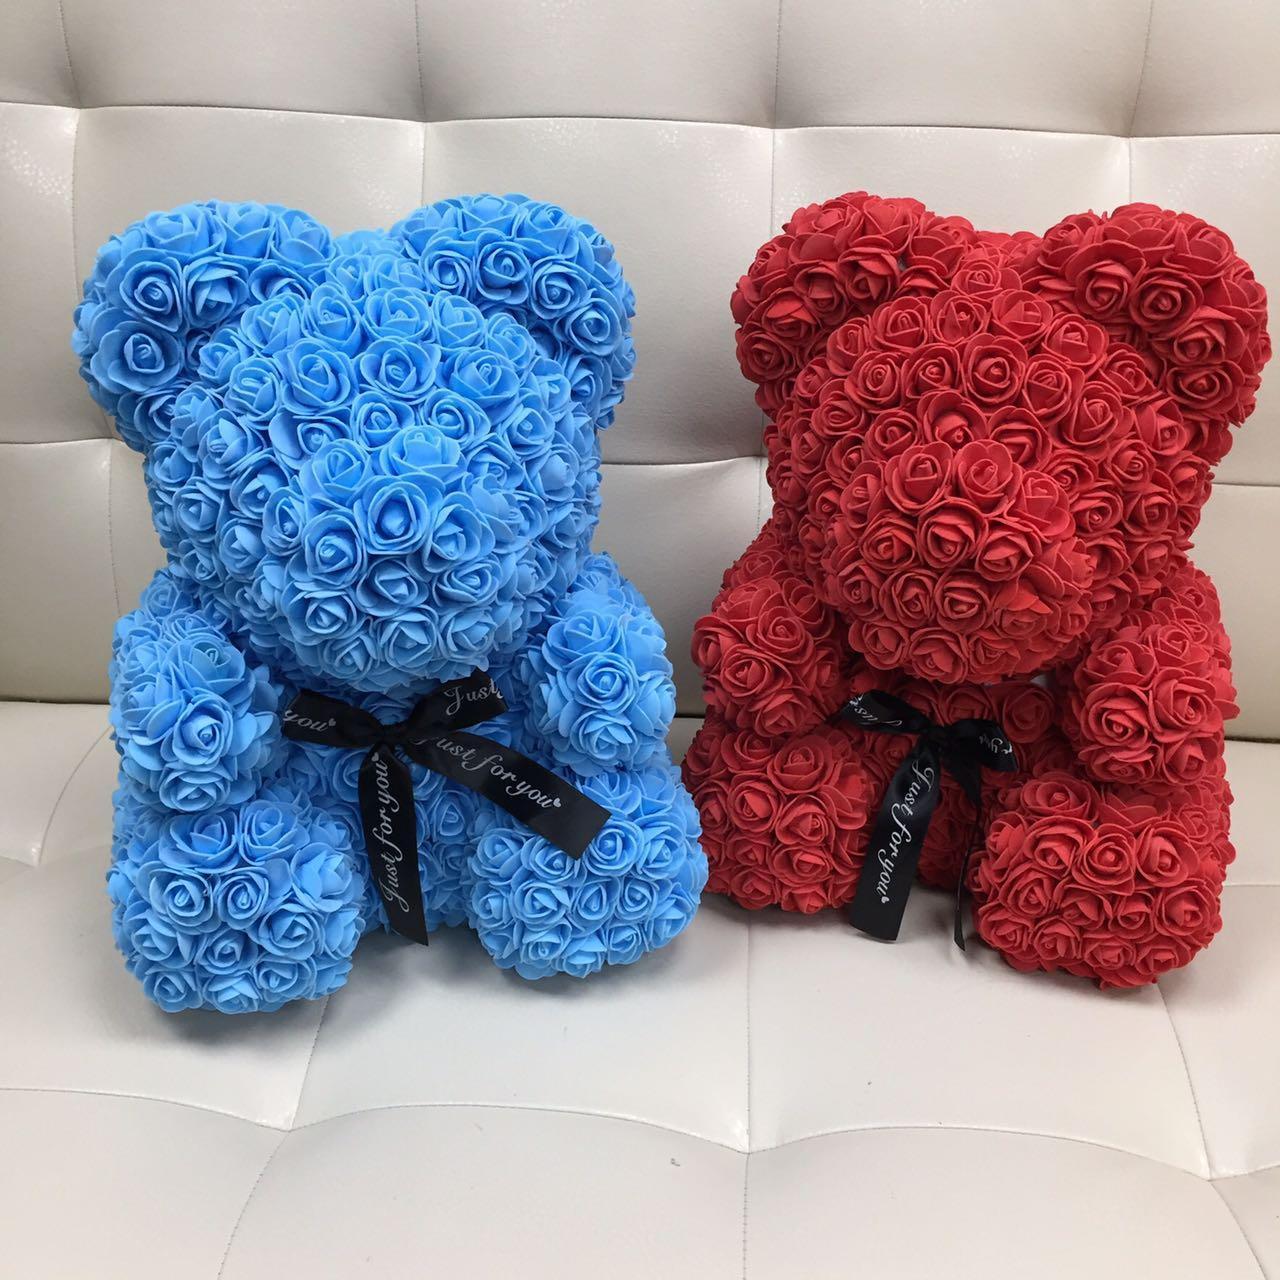 Голубой Мишка из роз Teddy из цветов 40 см в коробке